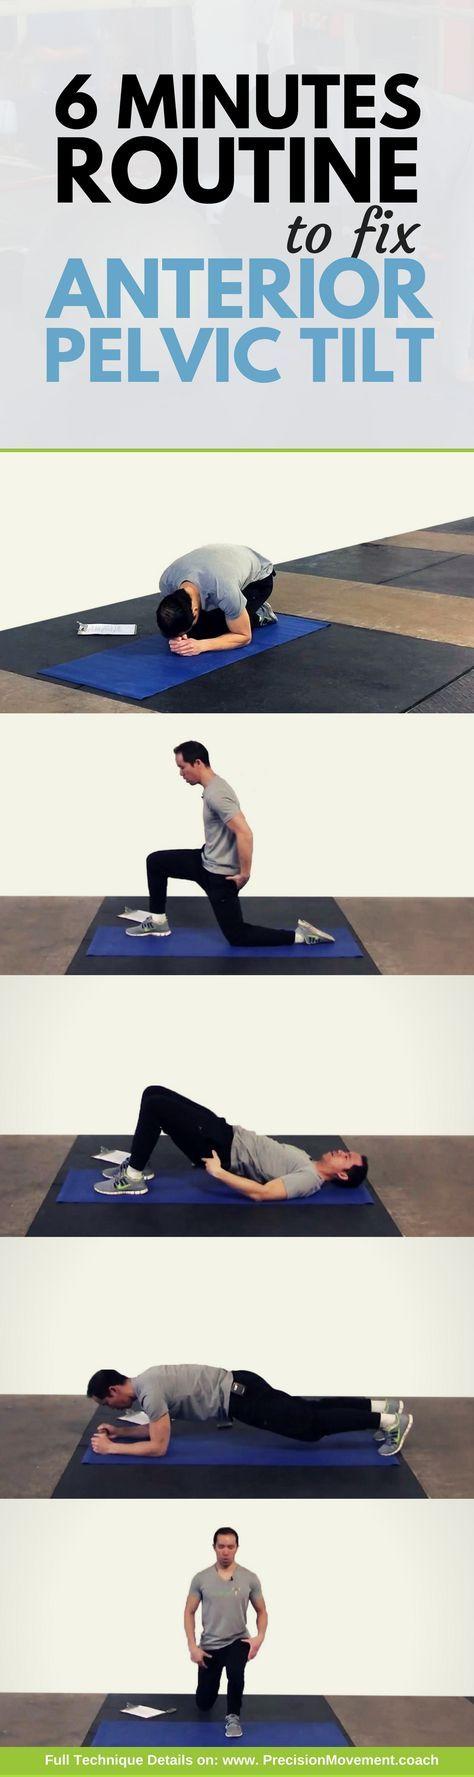 6 Minute Anterior Pelvic Tilt Exercise Program